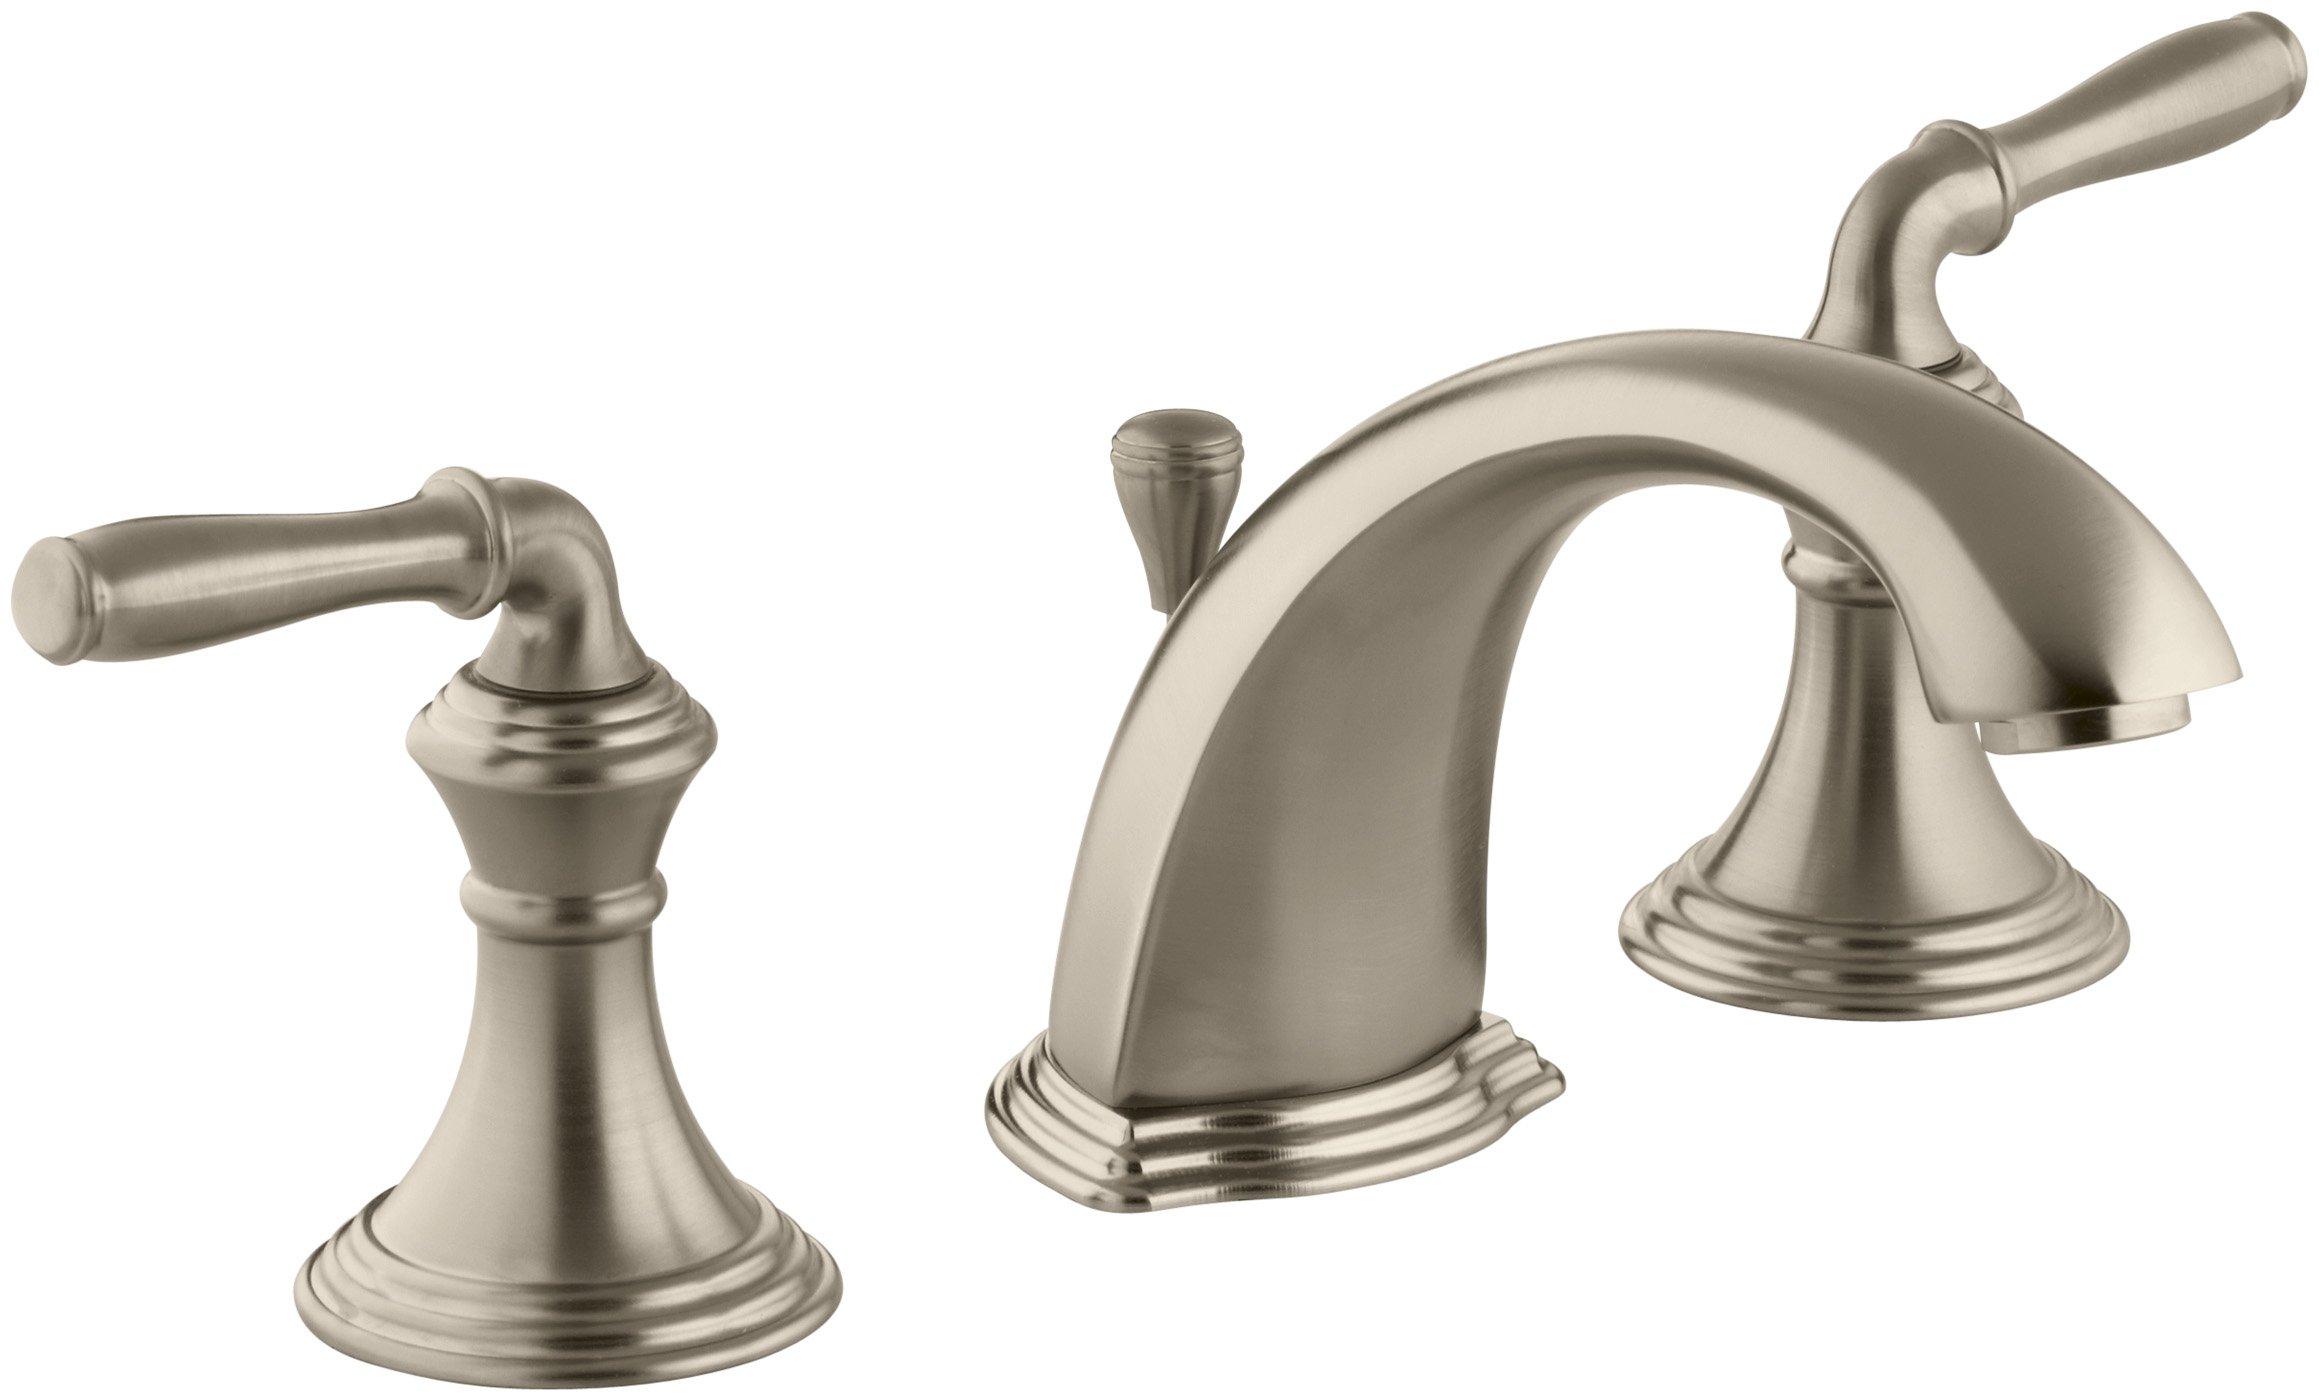 KOHLER K-394-4-BV Devonshire Widespread Lavatory Faucet, Vibrant Brushed Bronze by Kohler